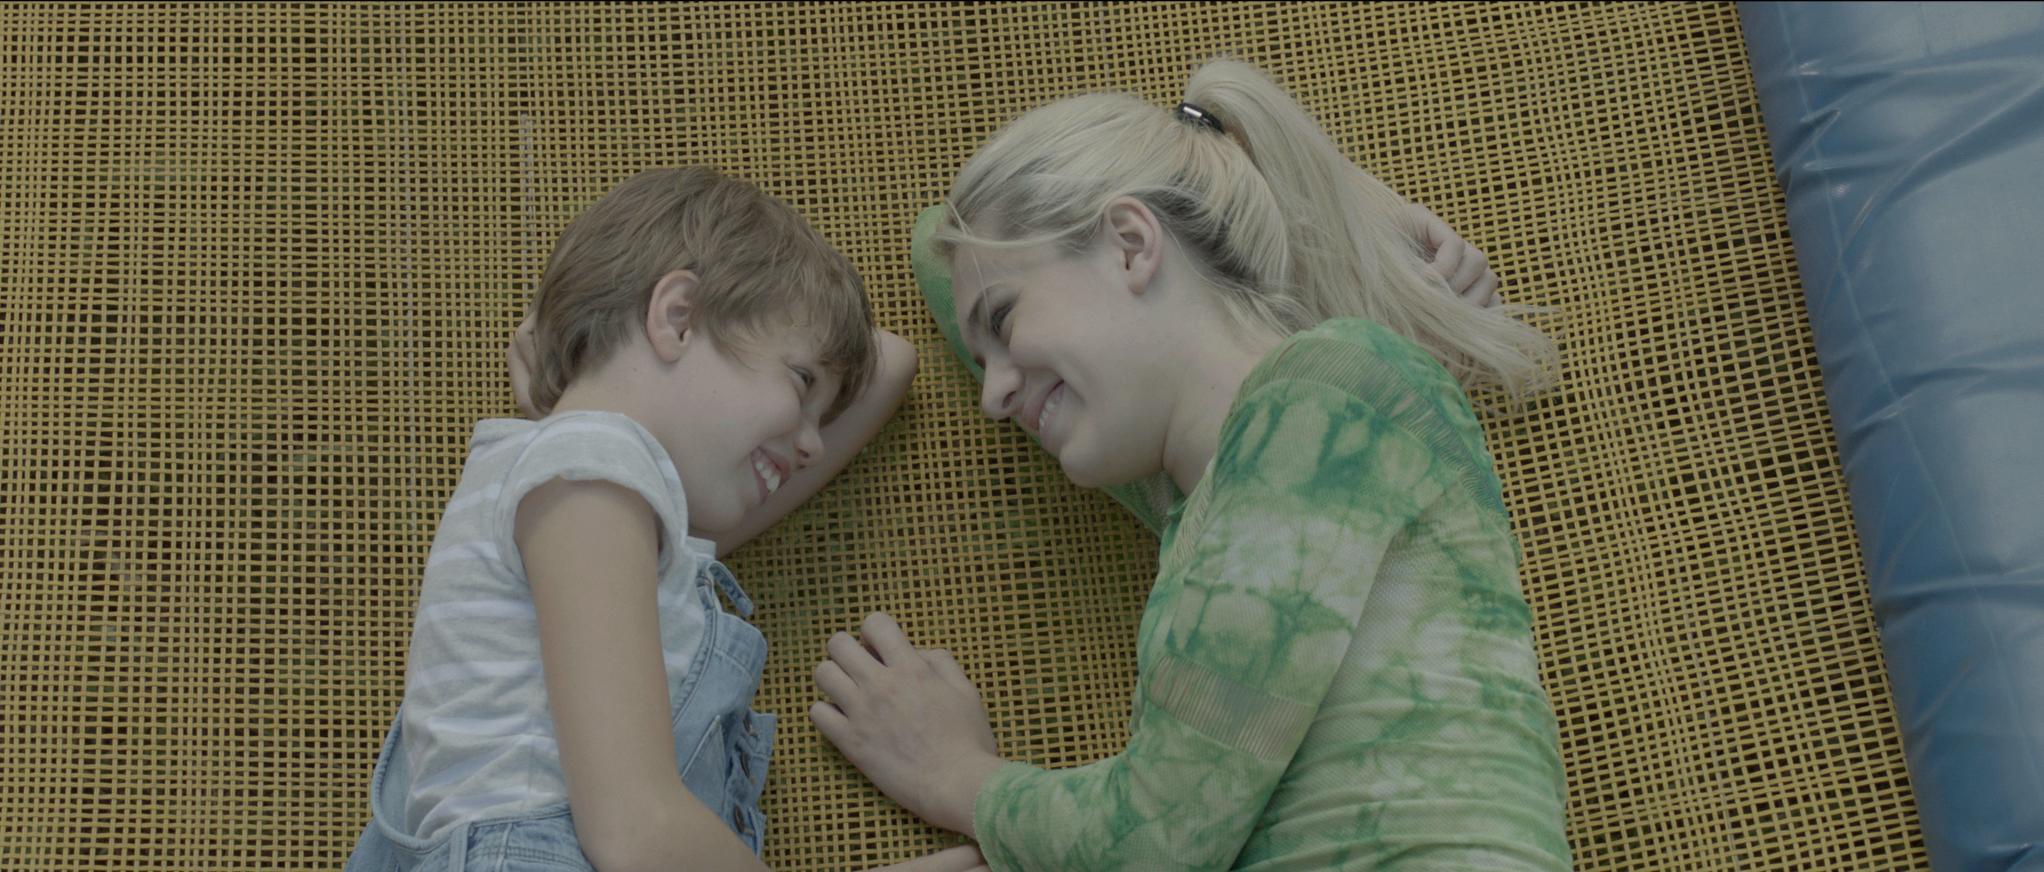 09_Trampolin_film still_Lina i Nika_Trampolin